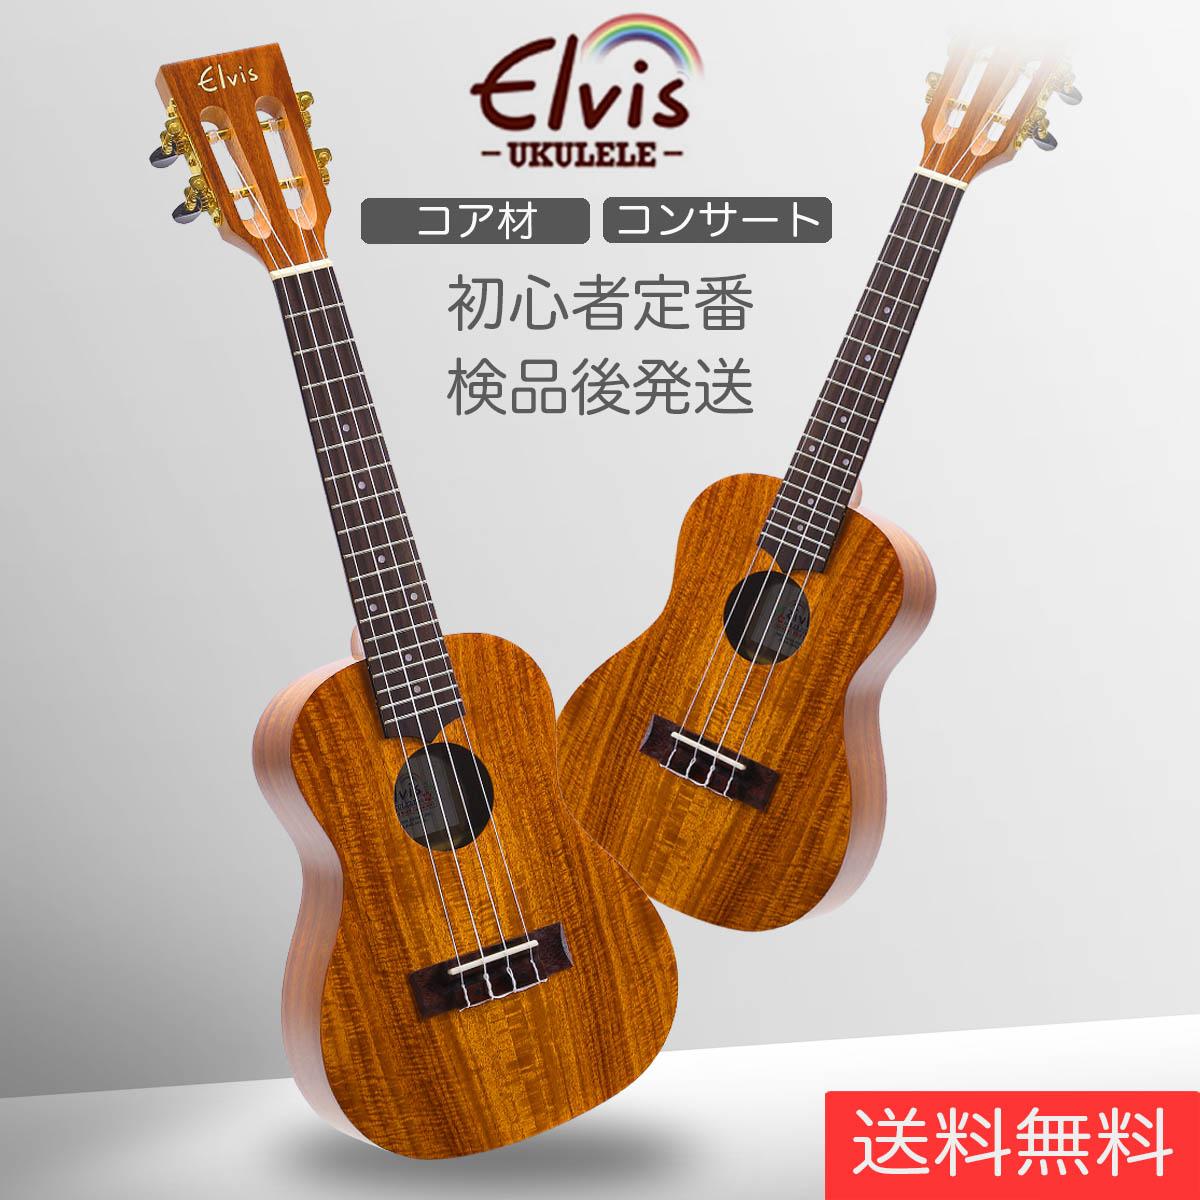 ELVIS エルビス ウクレレ コンサートサイズ ハワイアンコア材 スロテッドヘッド K100C (国内保証書・チューナー・教則本・コードチャート・ピック・ストラップ・ポリシングクロース・ソフトケース)